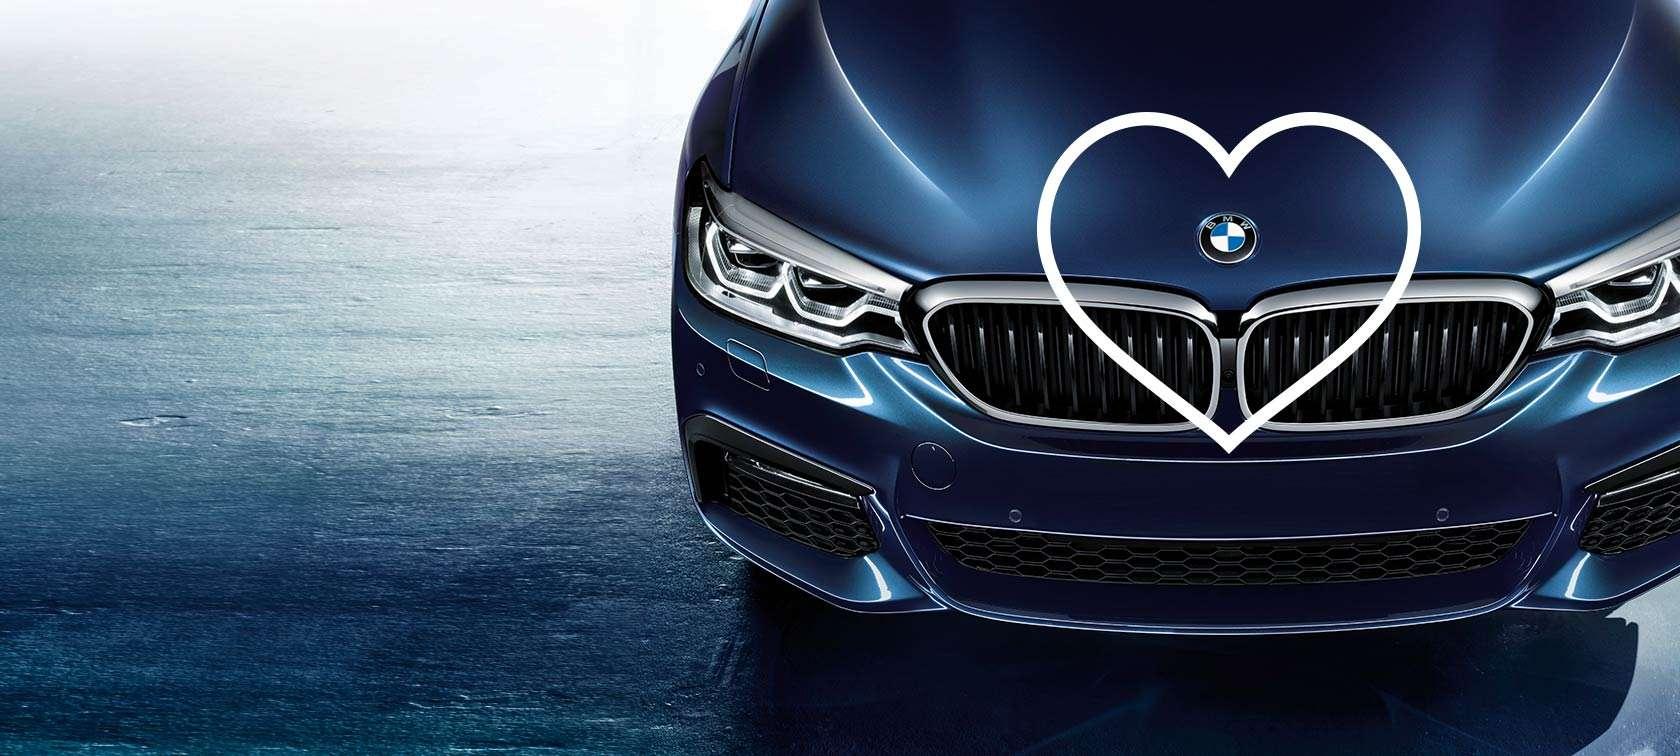 0% opłaty wstępnej, do 100% odliczenia kosztów leasingu – promocja BMW 8